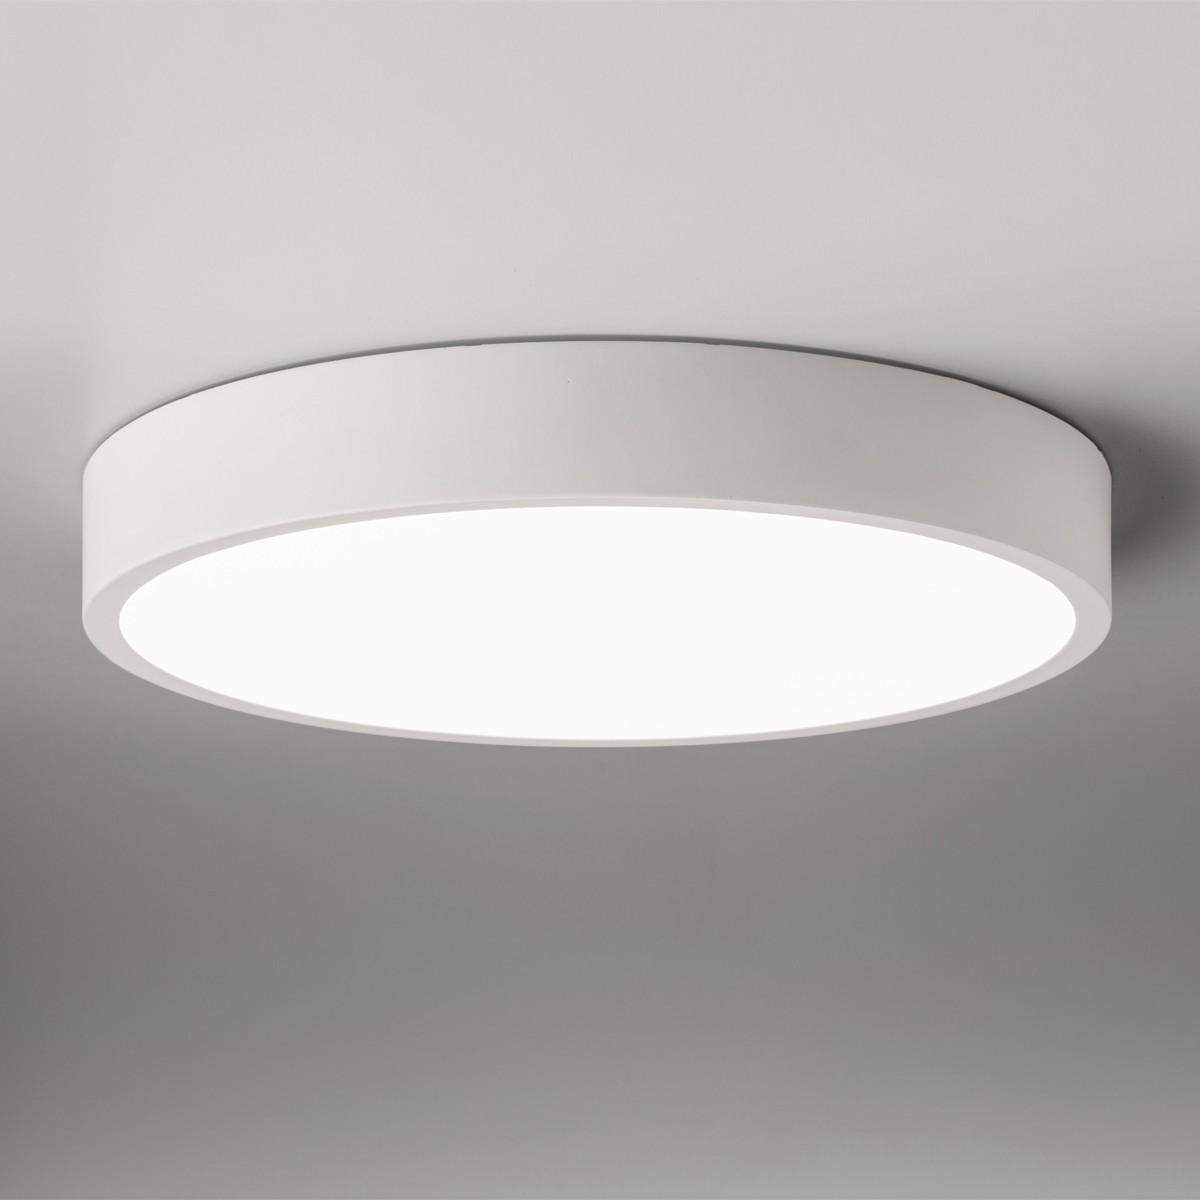 Lupia Licht Renox Deckenleuchte, Ø: 30 cm, weiß